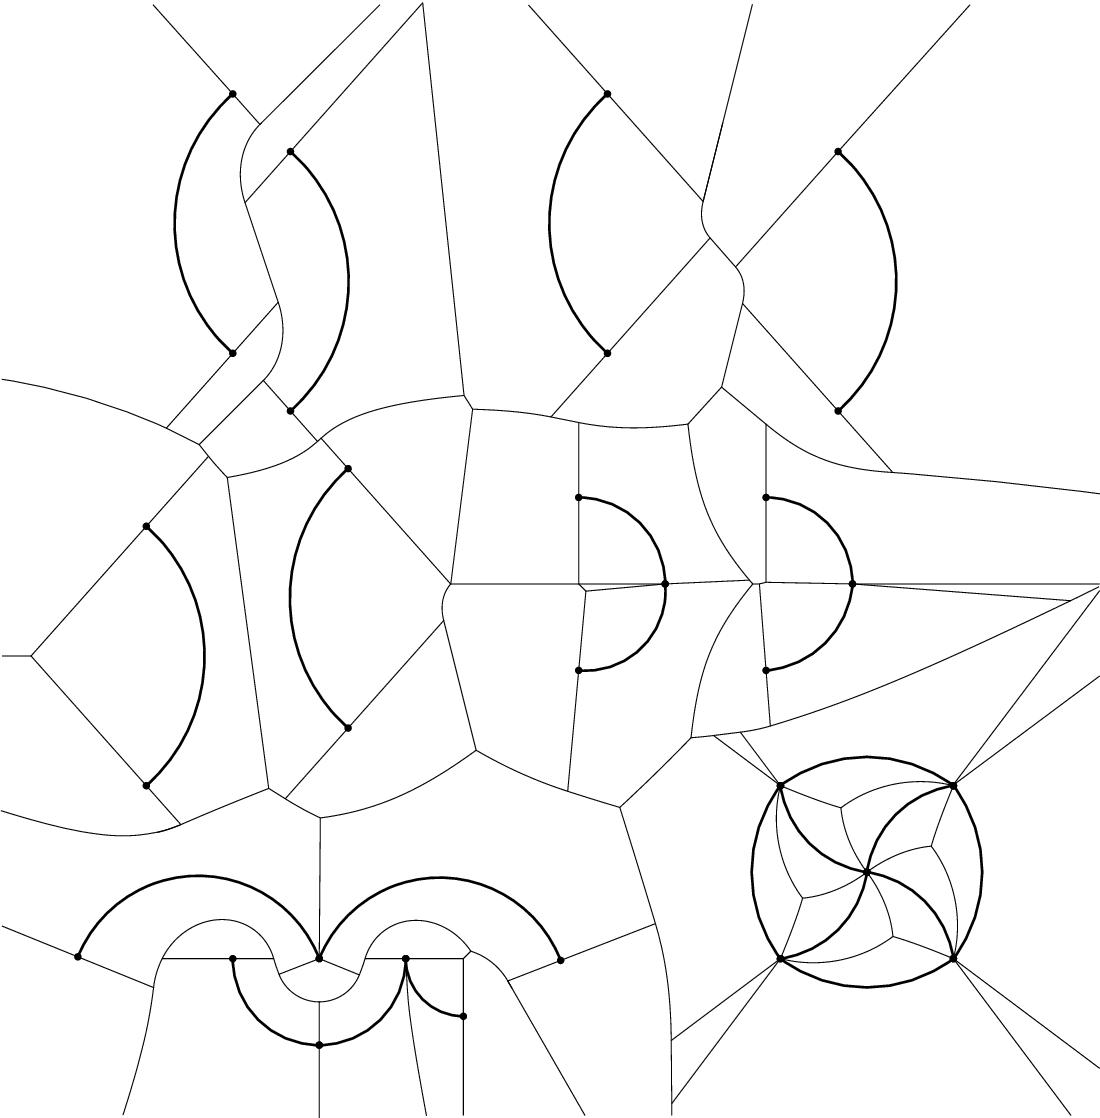 figure B.6